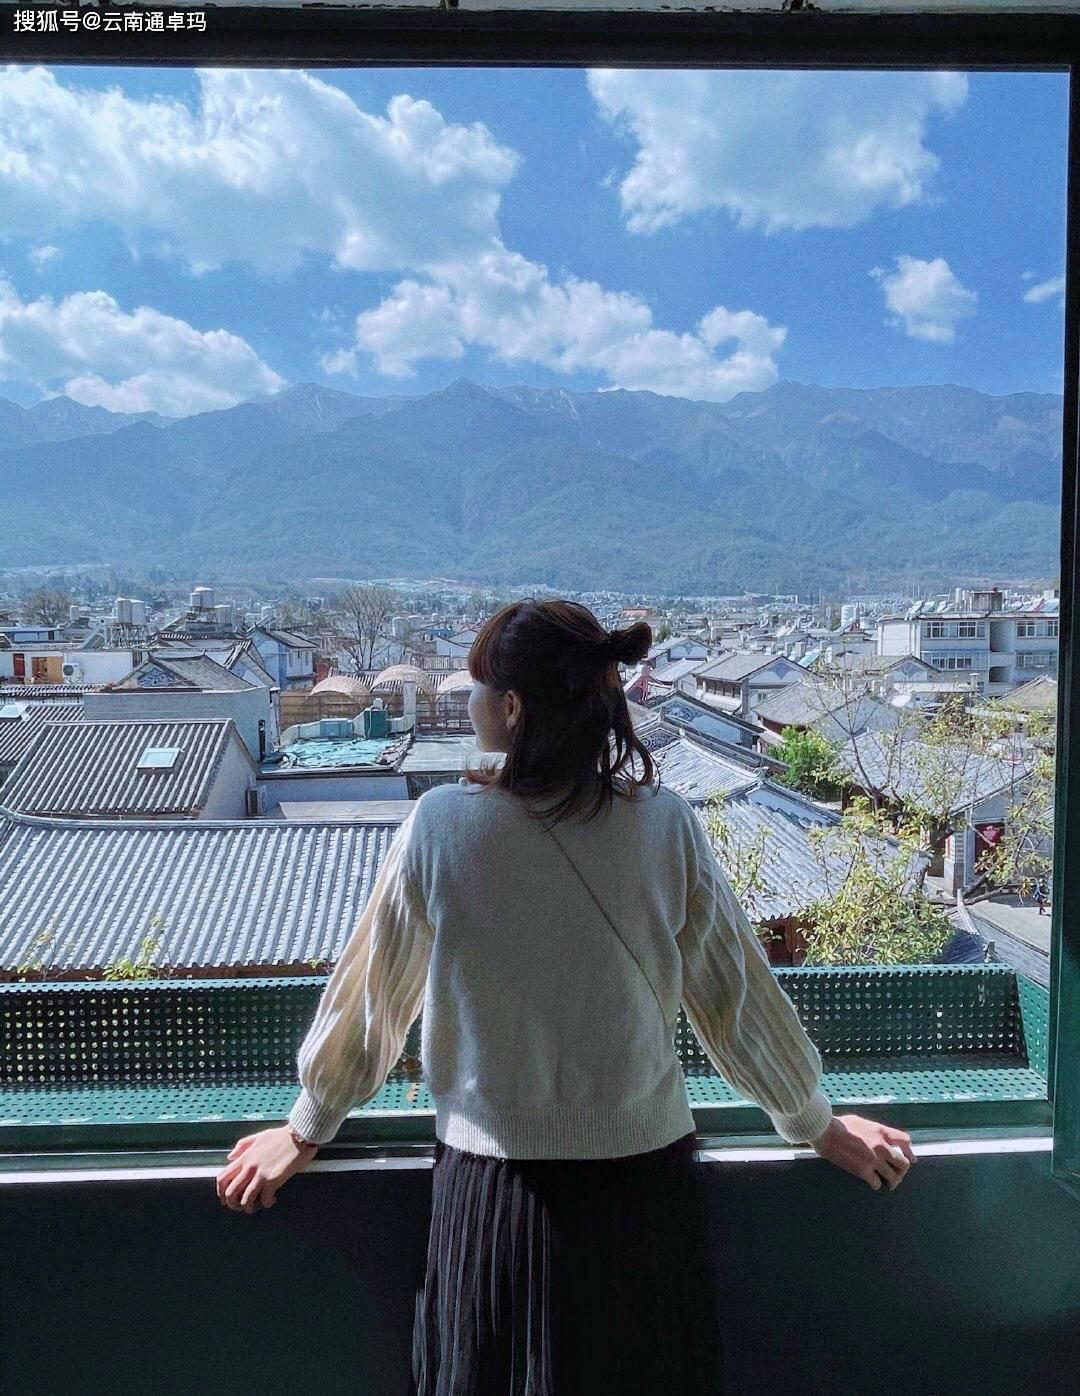 4月份来云南一定要看的旅行攻略,去云南旅游需要云南健康码吗